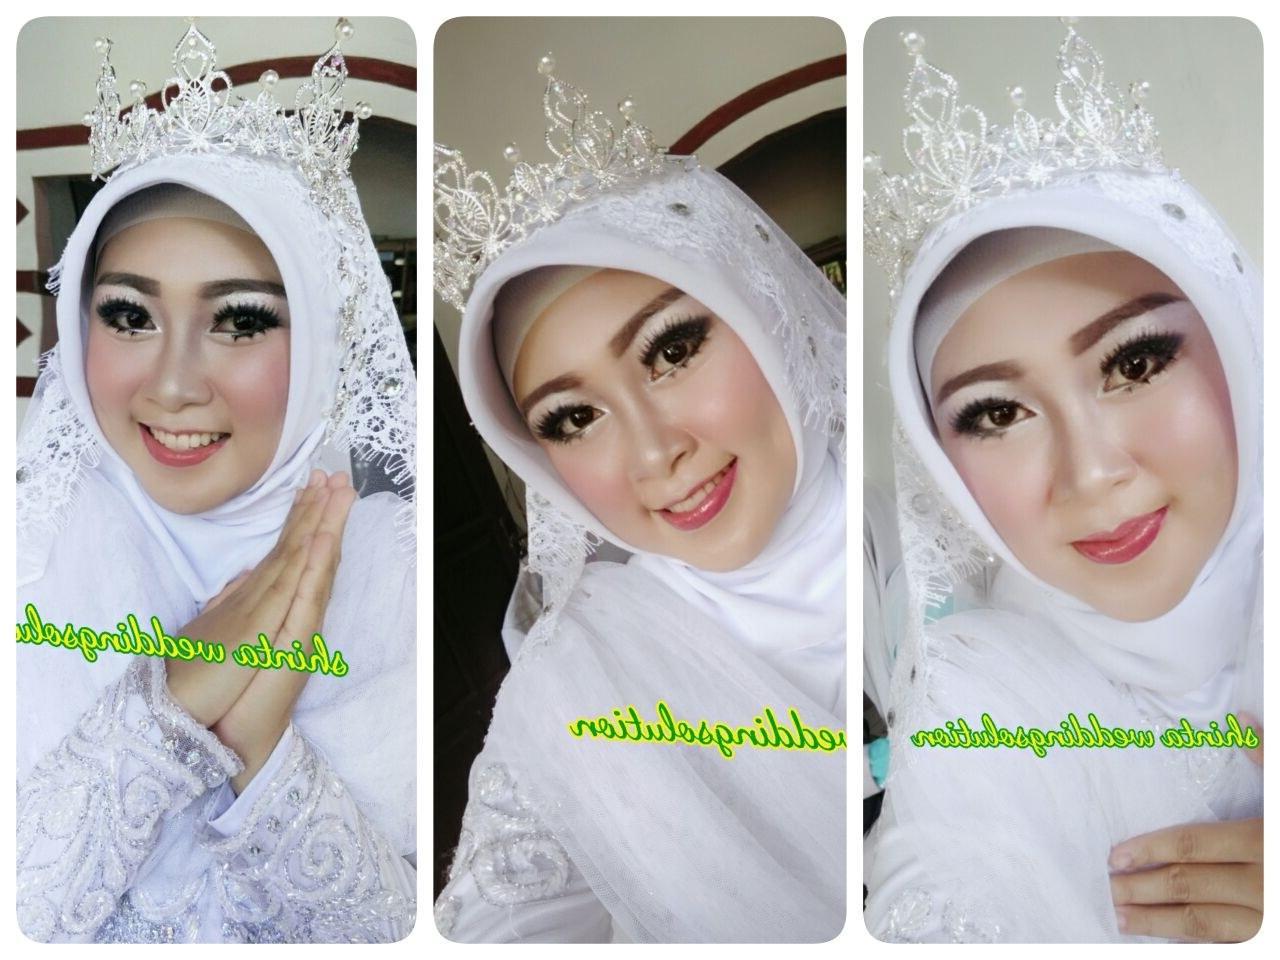 Model Sewa Gaun Pengantin Muslimah Yogyakarta T8dj Sewa Gaun Pengantin Muslimah Murah